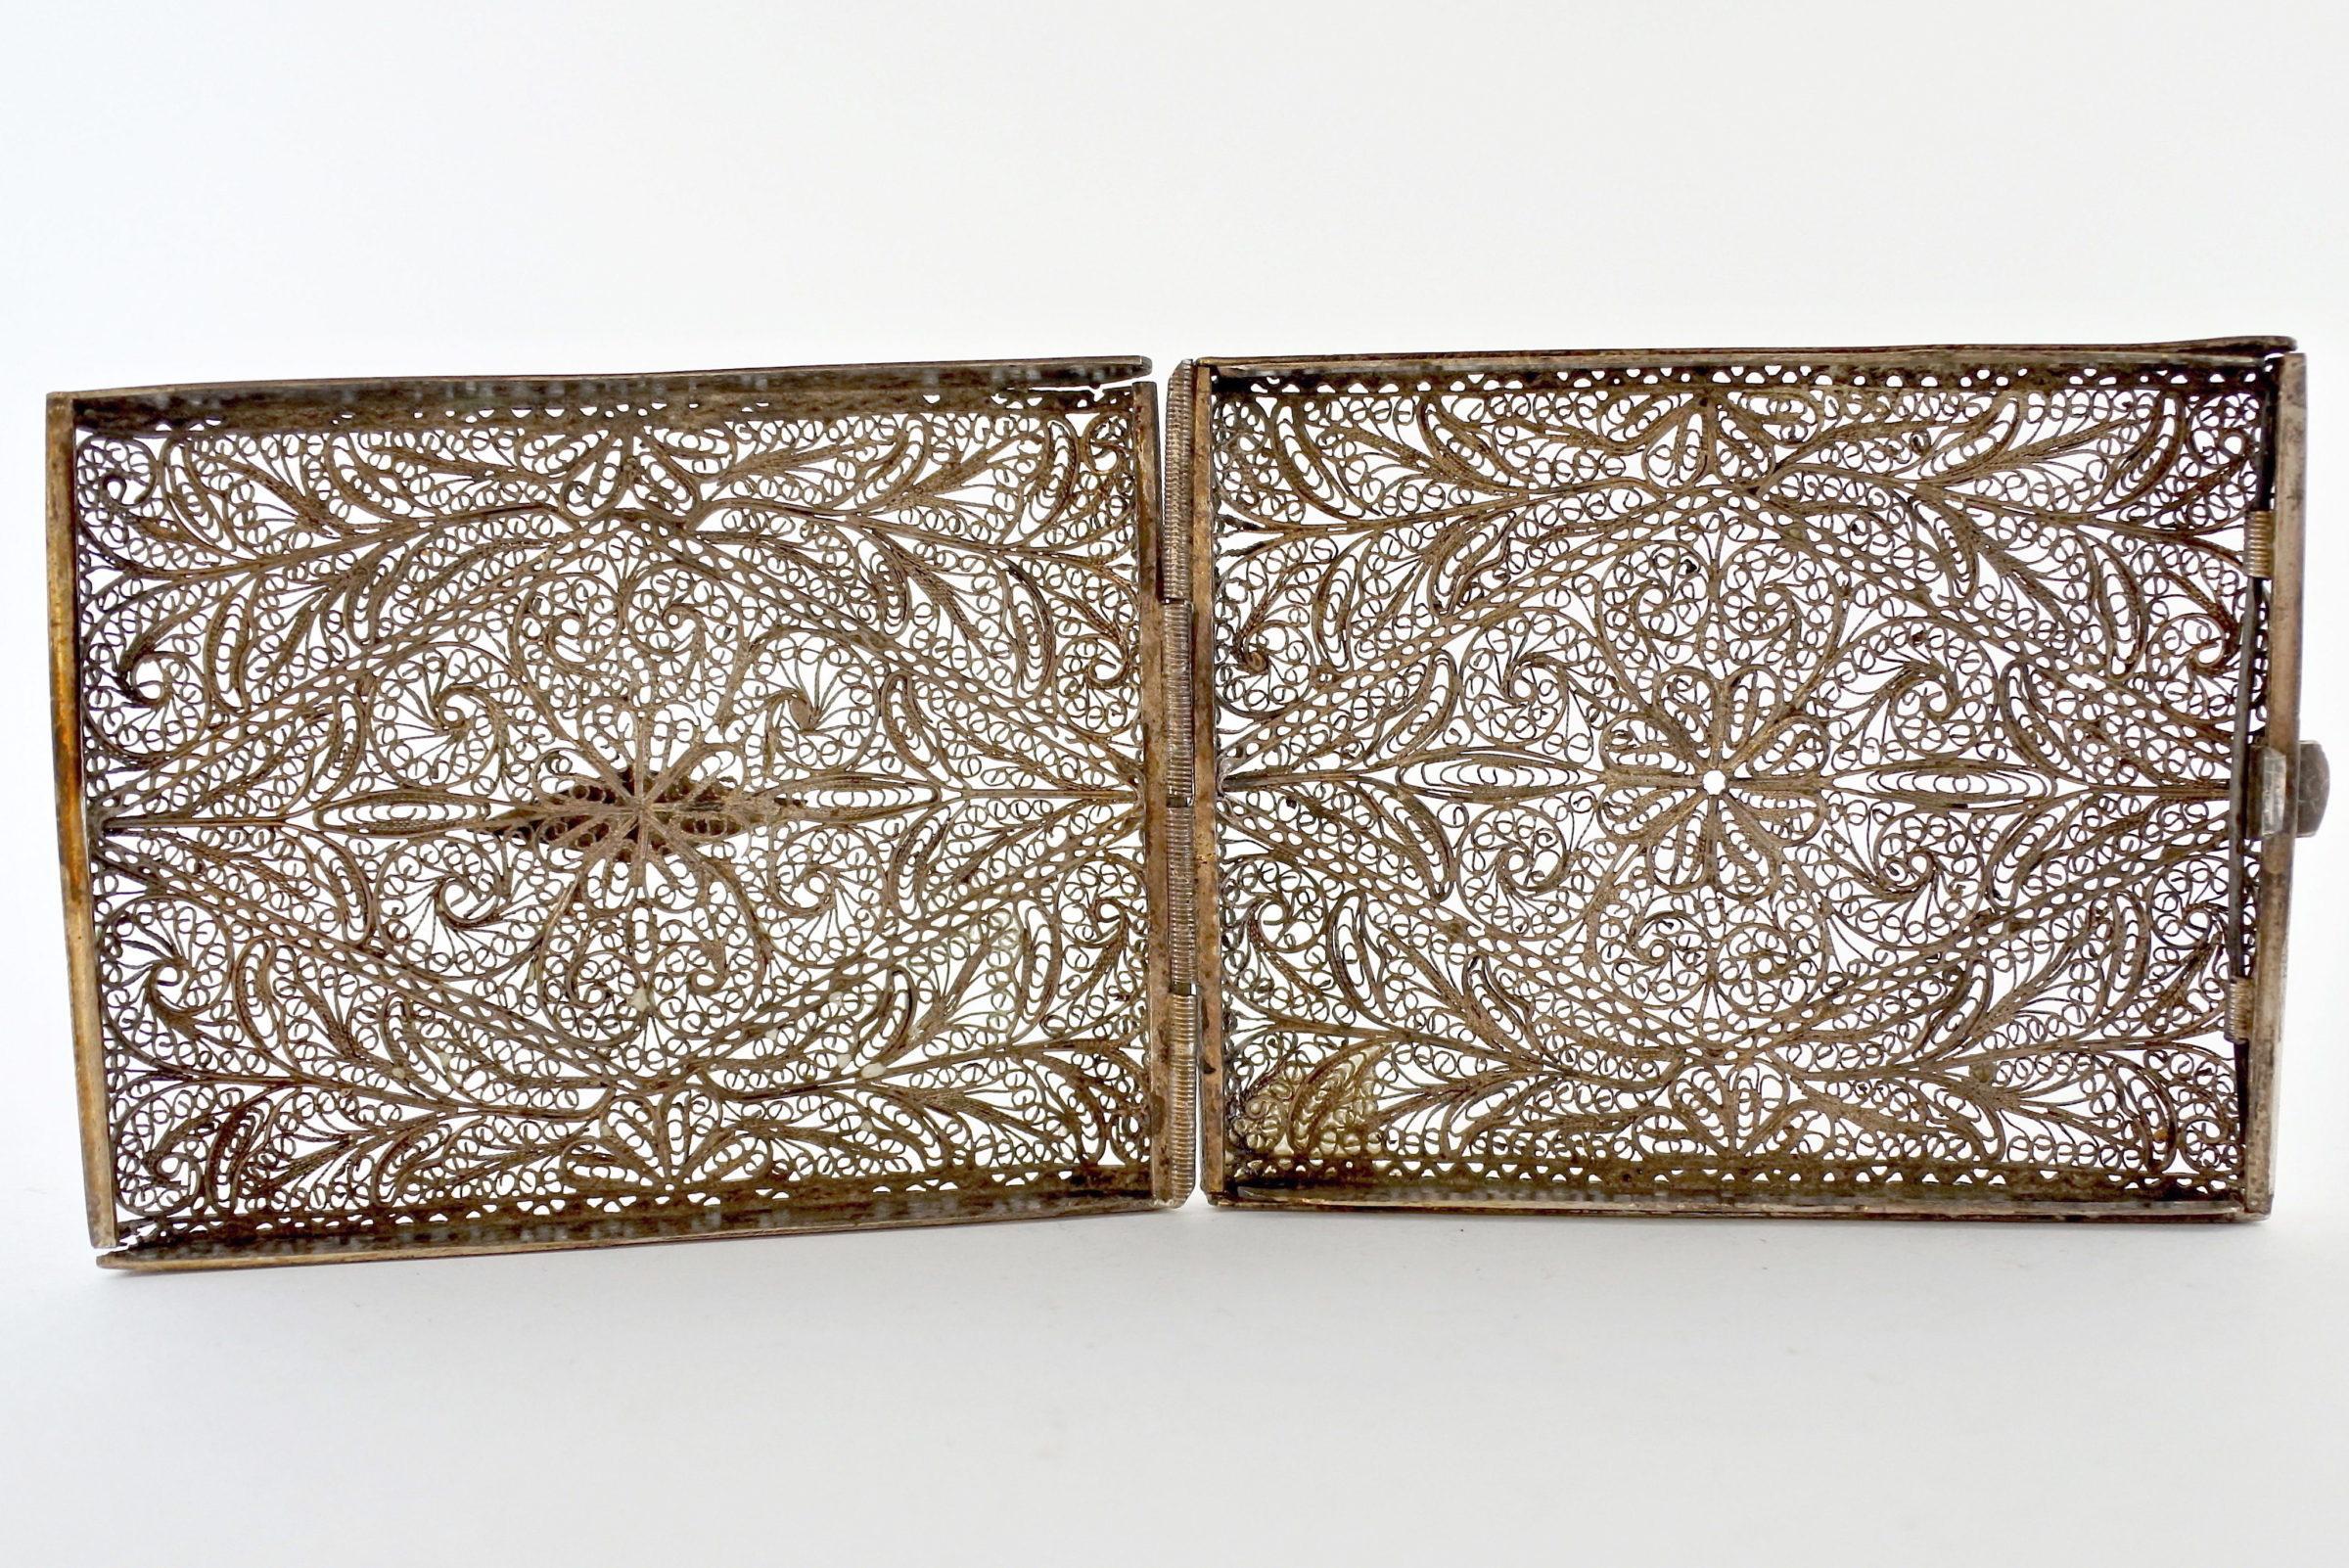 Portabiglietti in filigrana d'argento con decoro floreale - 3